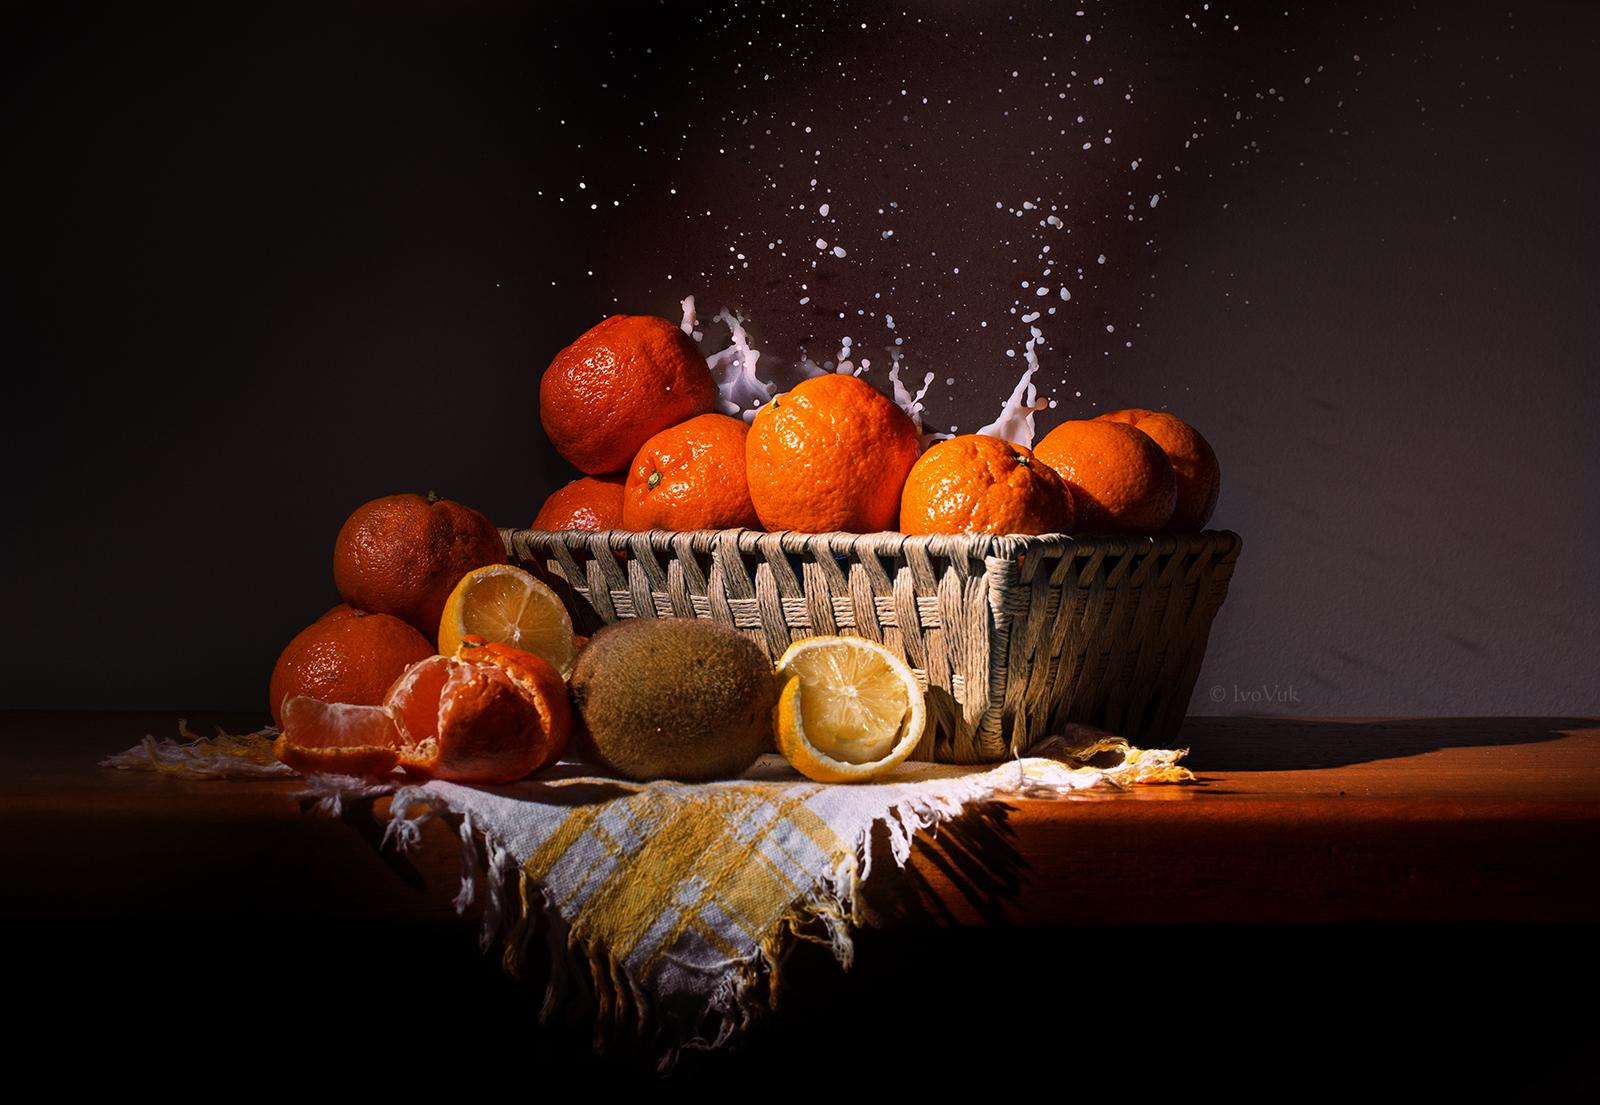 Masaüstü Boyama Gıda Resim Meyve Içki Mandalina Portakal